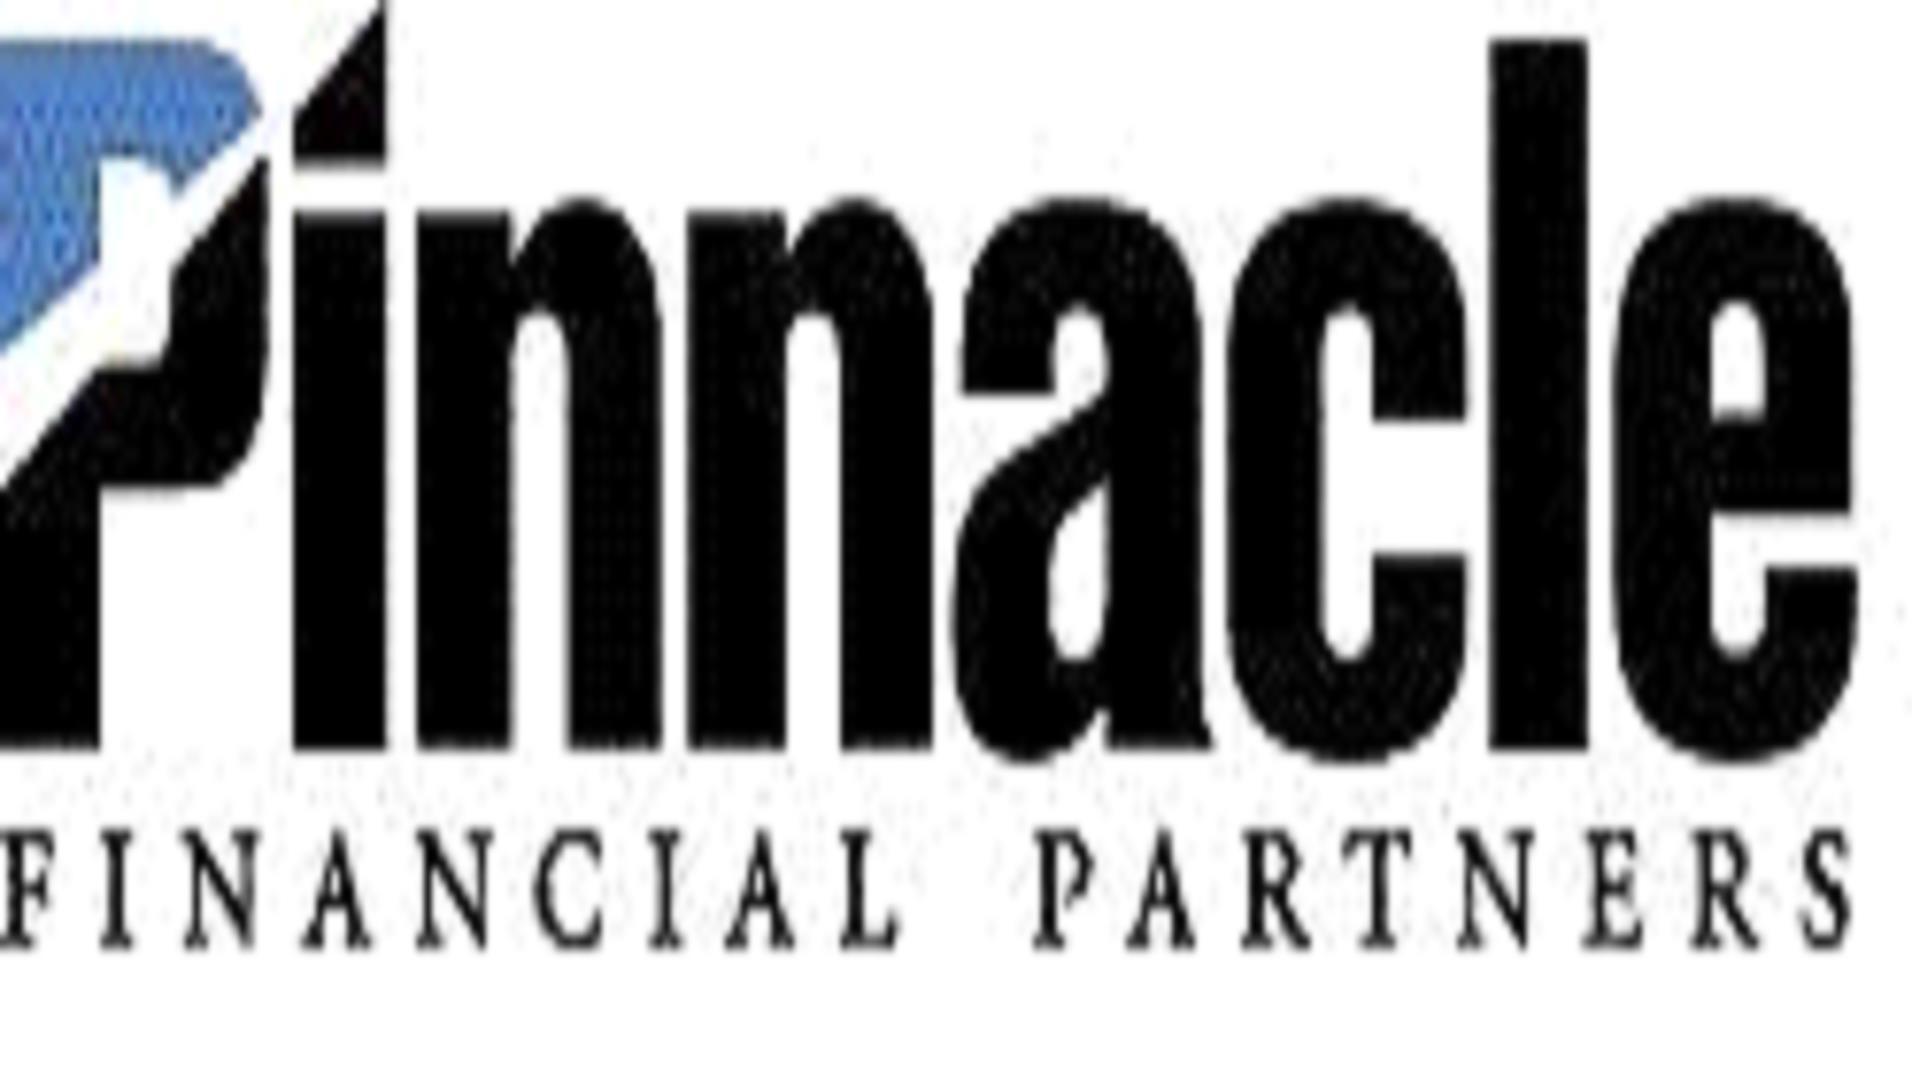 pinnacle financial partners murfreesboro tn PINNACLE FINANCIAL PARTNERS INC - FORM 10-Q - November 4, 2016